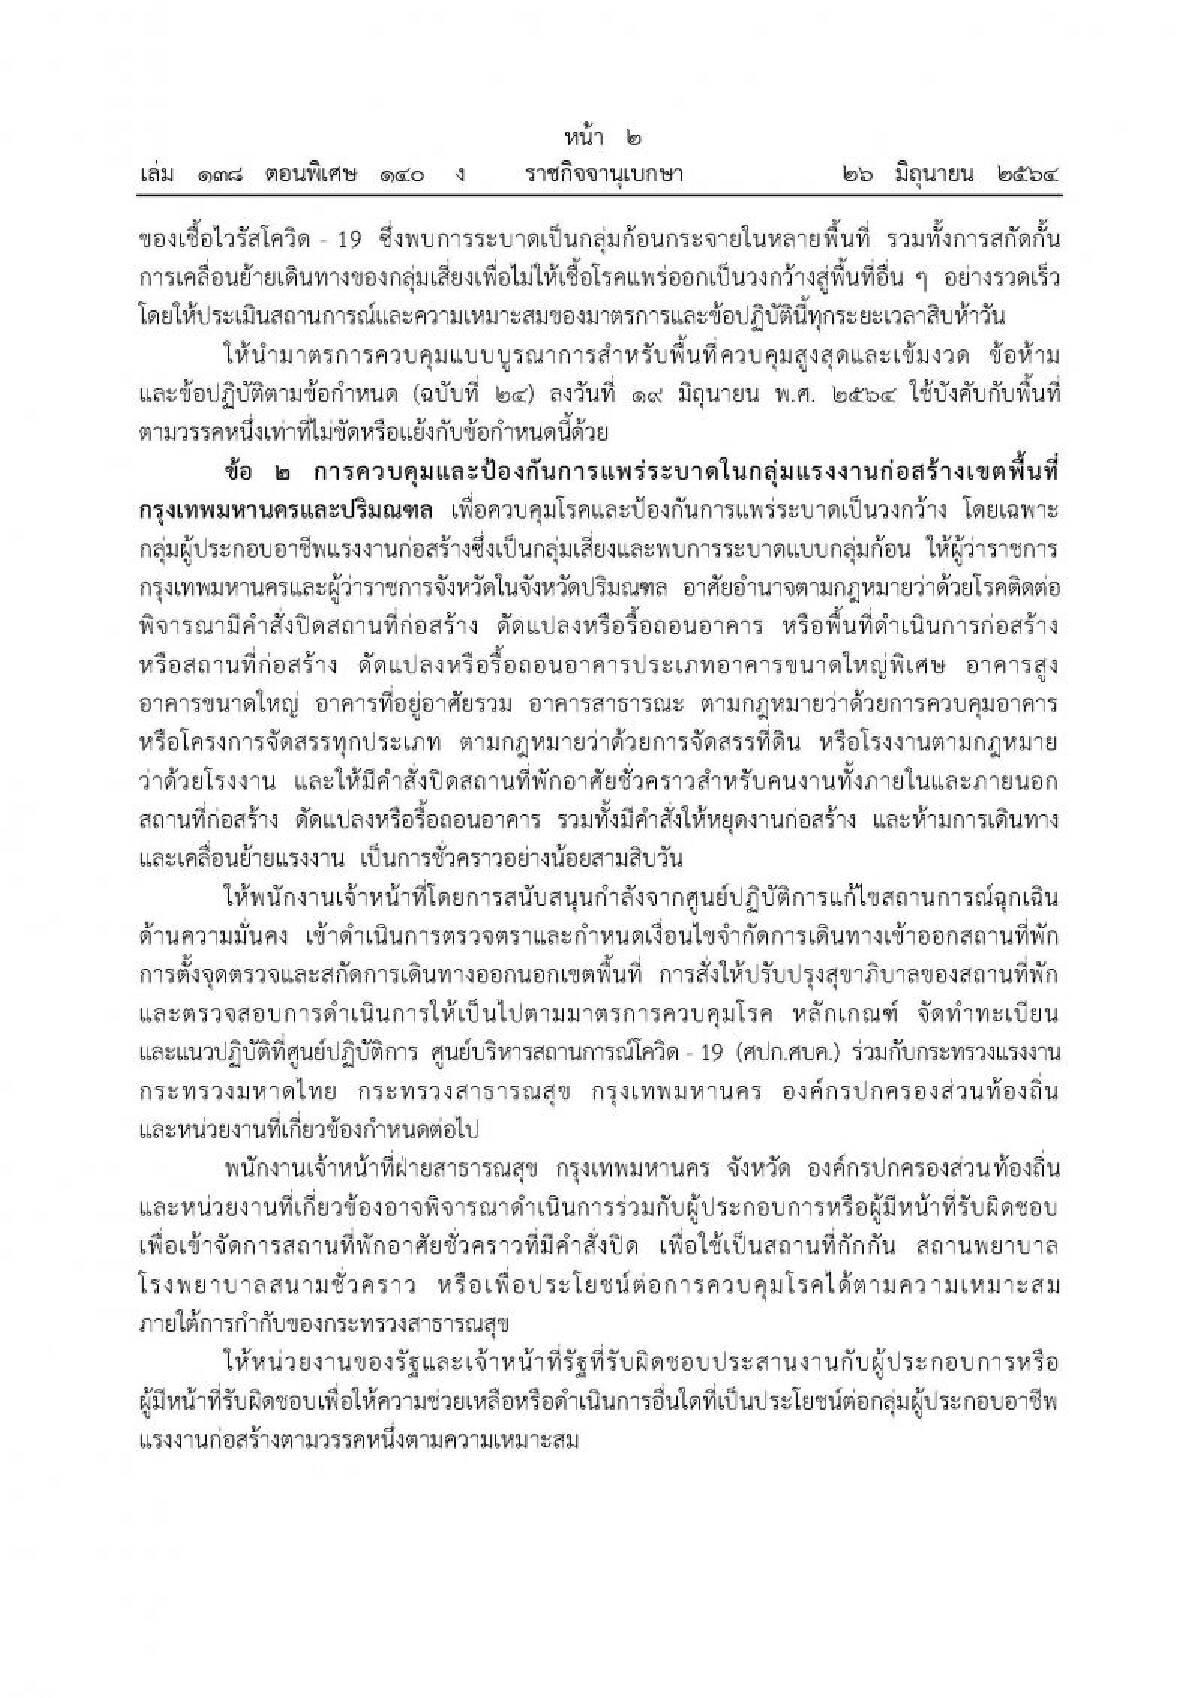 ล็อกดาวน์กรุงเทพ-ปริมณฑล 4 จว.ใต้ ประกาศ ราชกิจจานุเบกษาแล้วมีผล 28 มิ.ย.